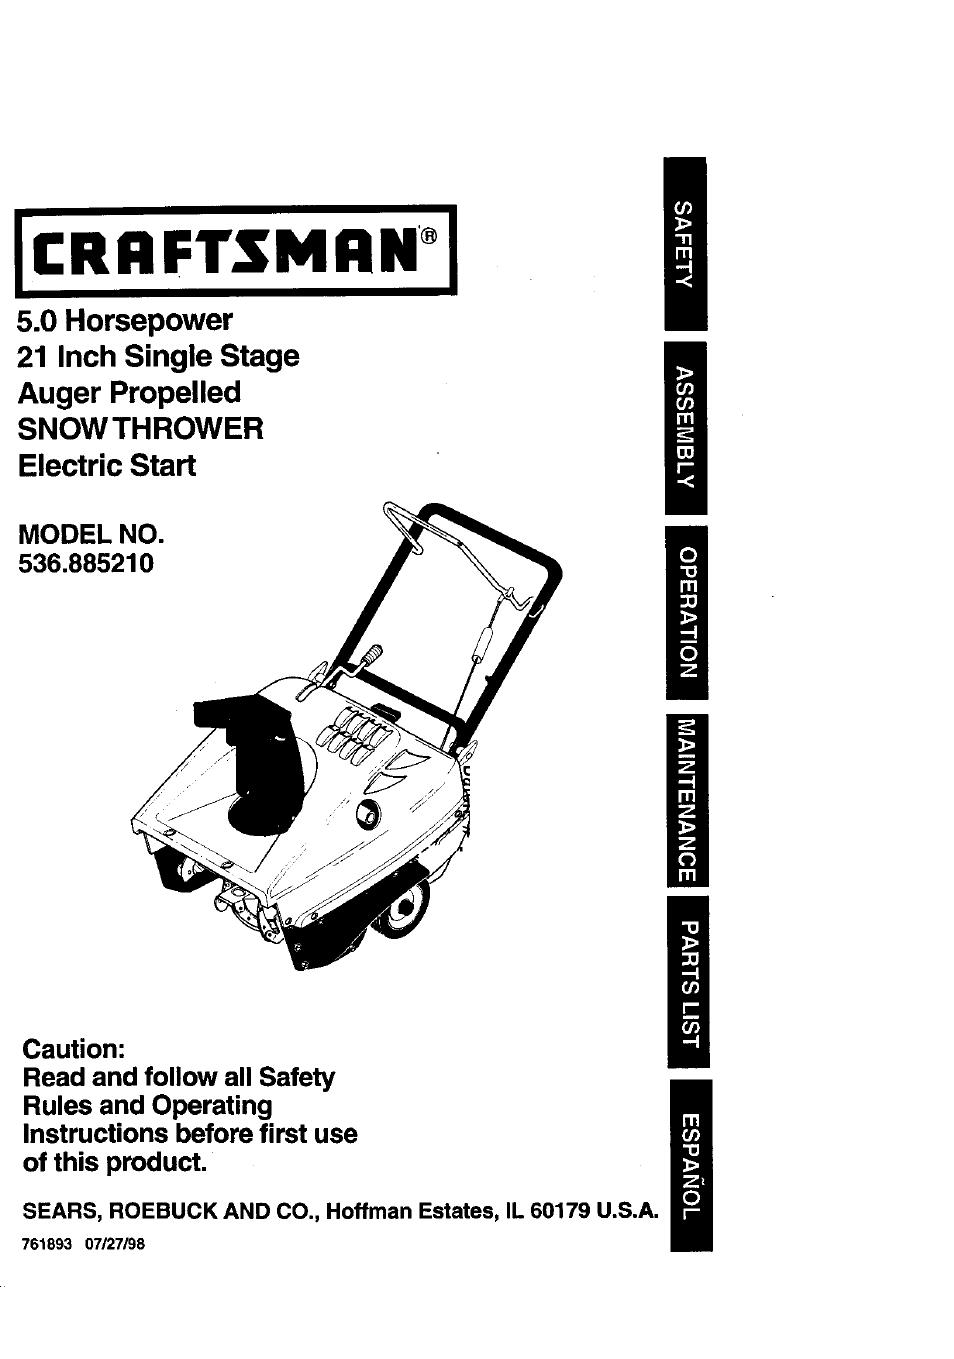 craftsman 536 885210 user manual